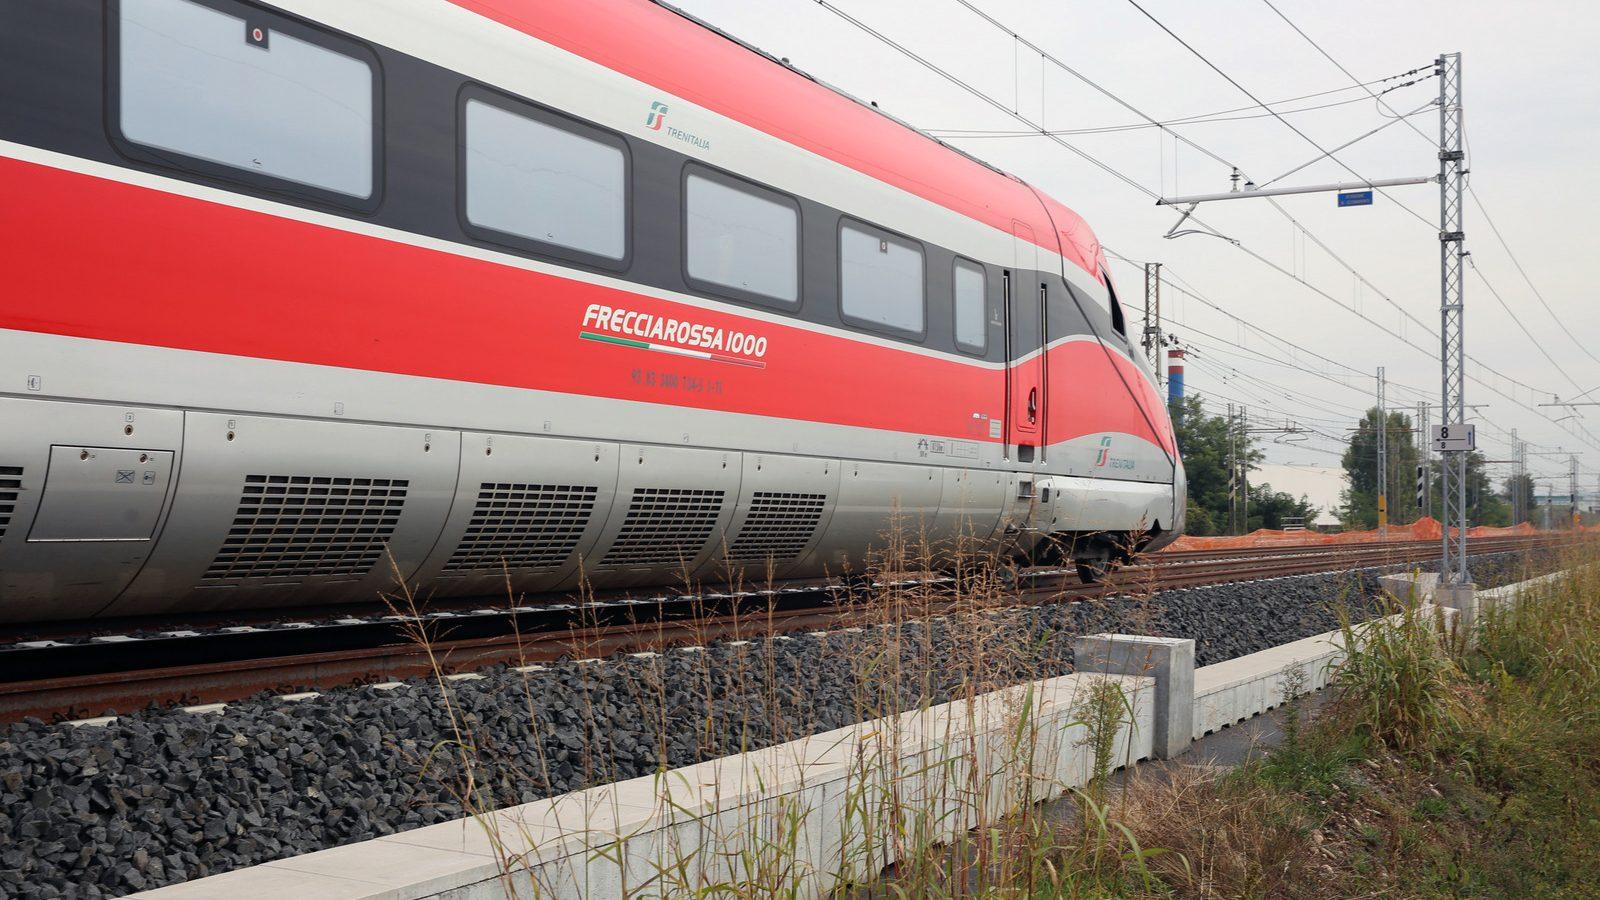 Treno Frecciarossa 1000 (fonte: Ferrovie dello Stato Italiane)